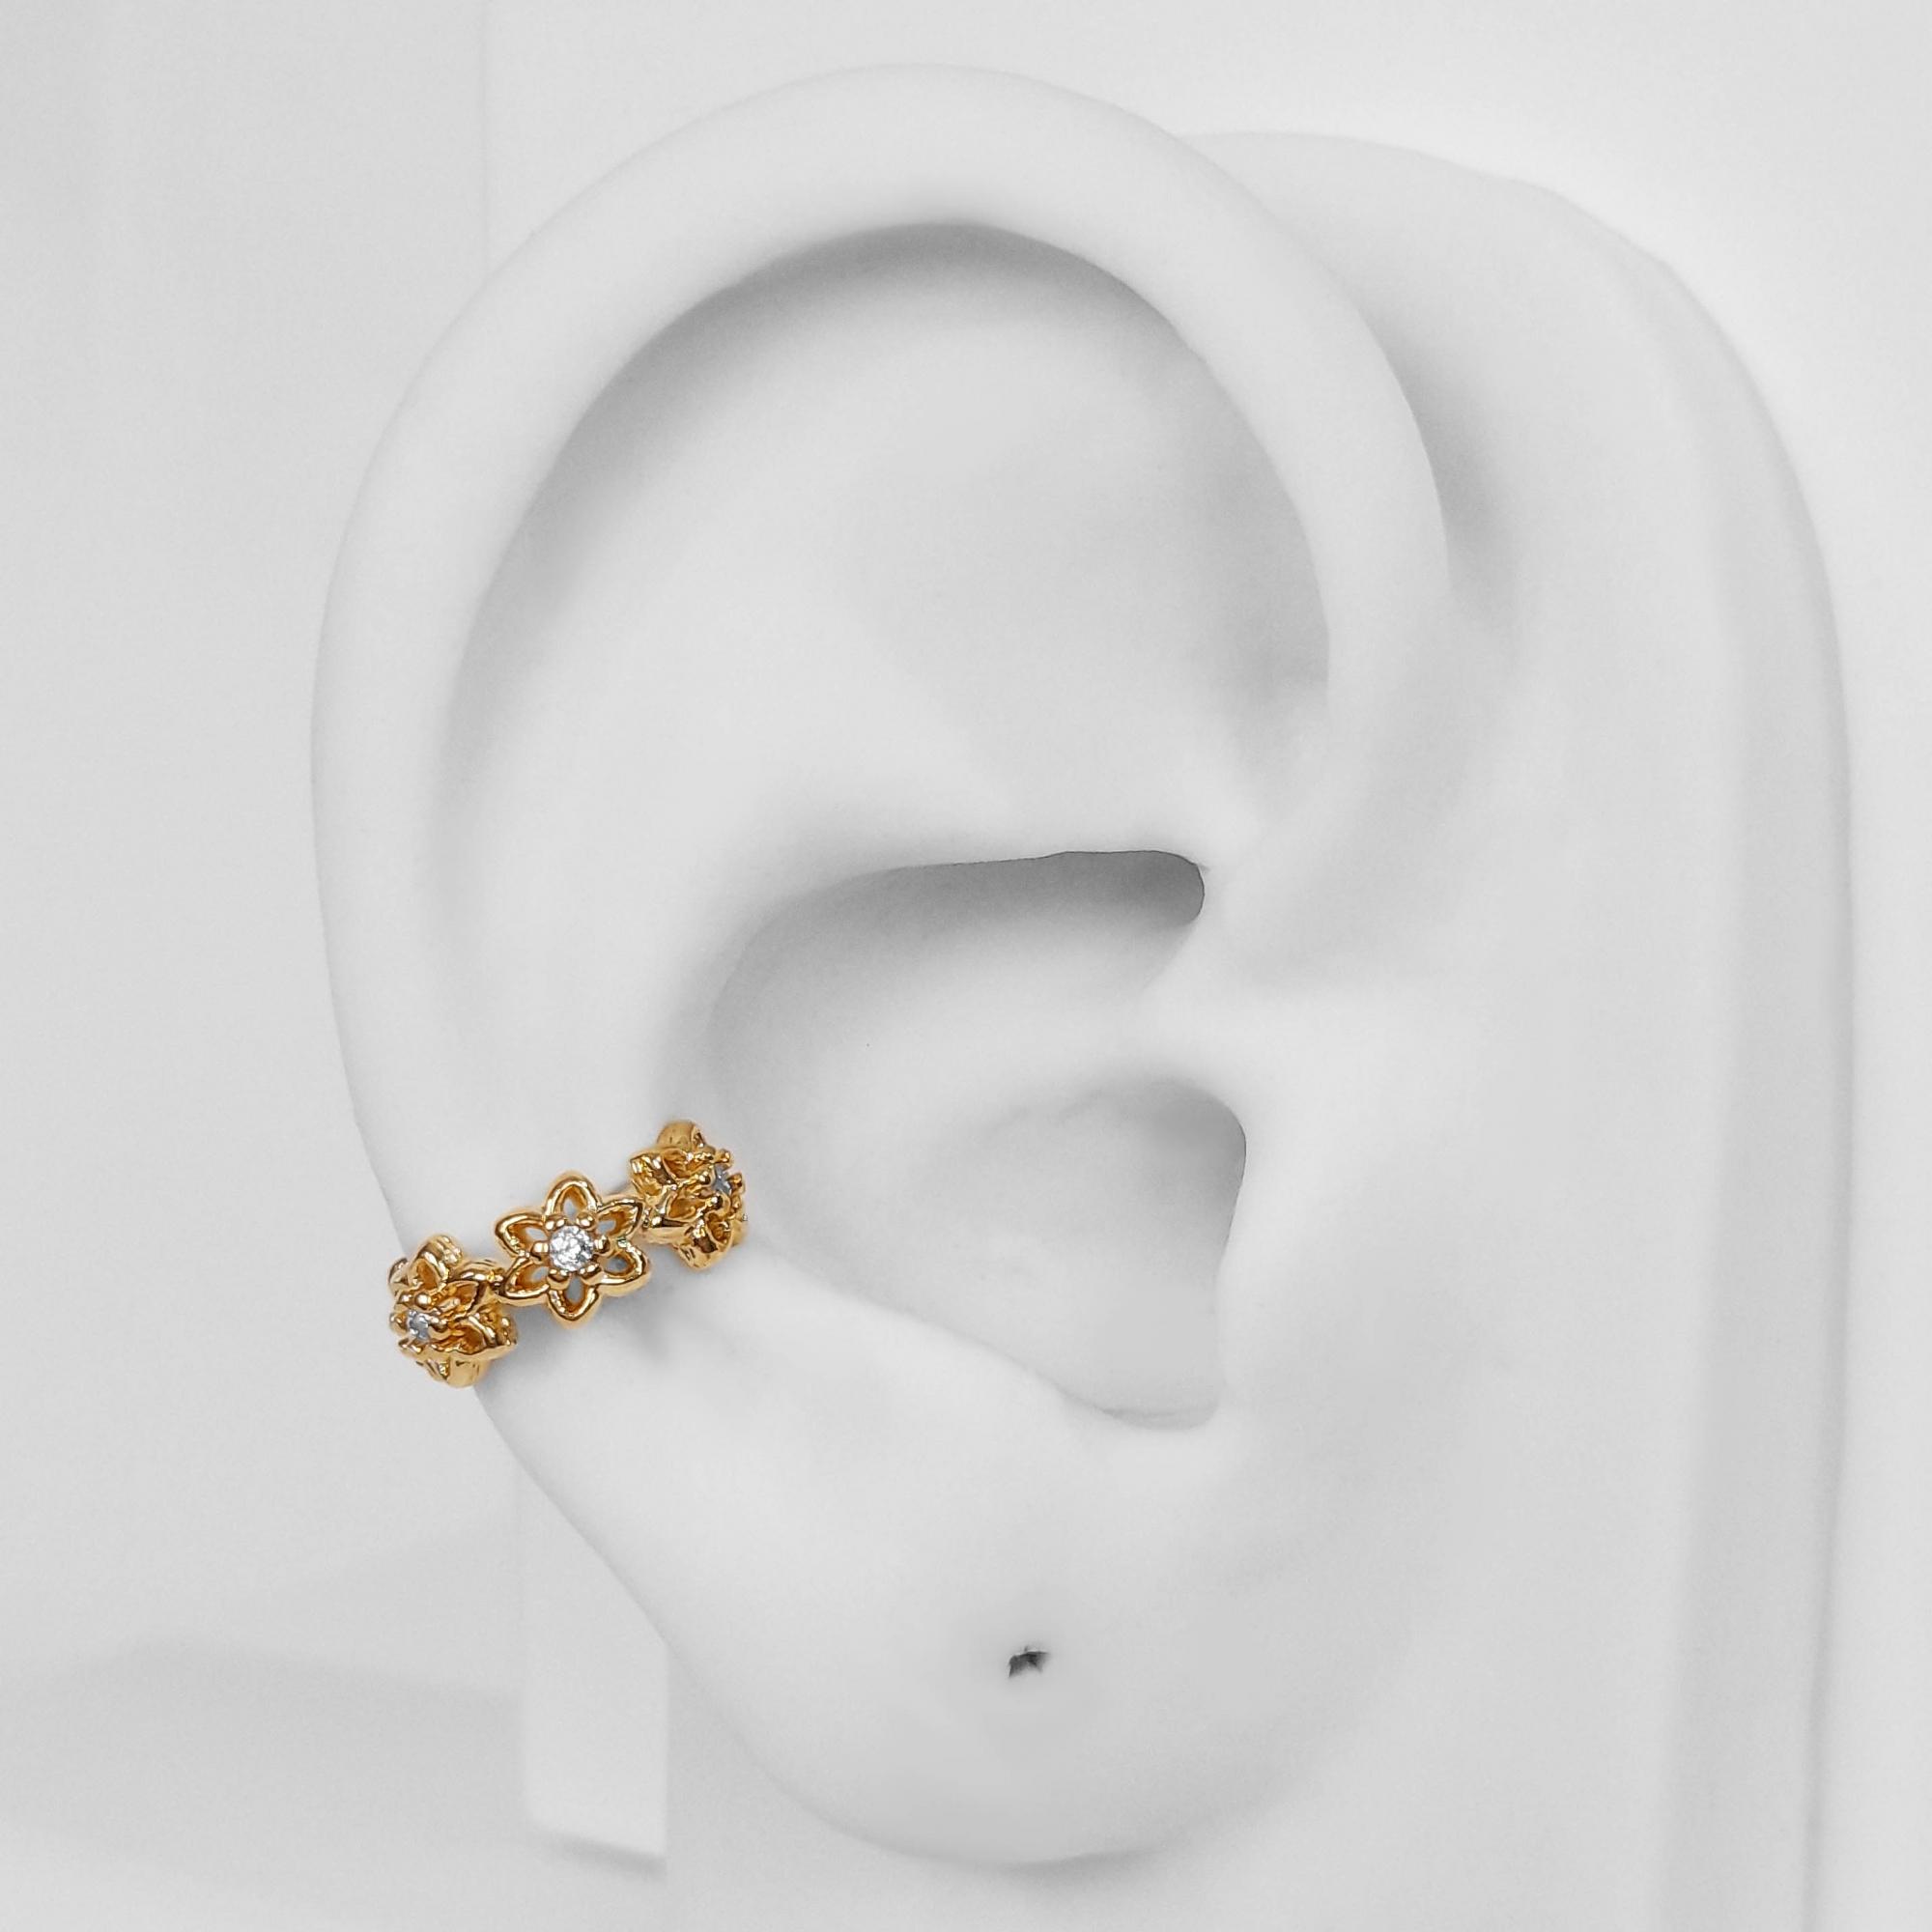 Brinco Piercing Fake Flor Zircônia Folheado Ouro 18k  - Lunozê Joias